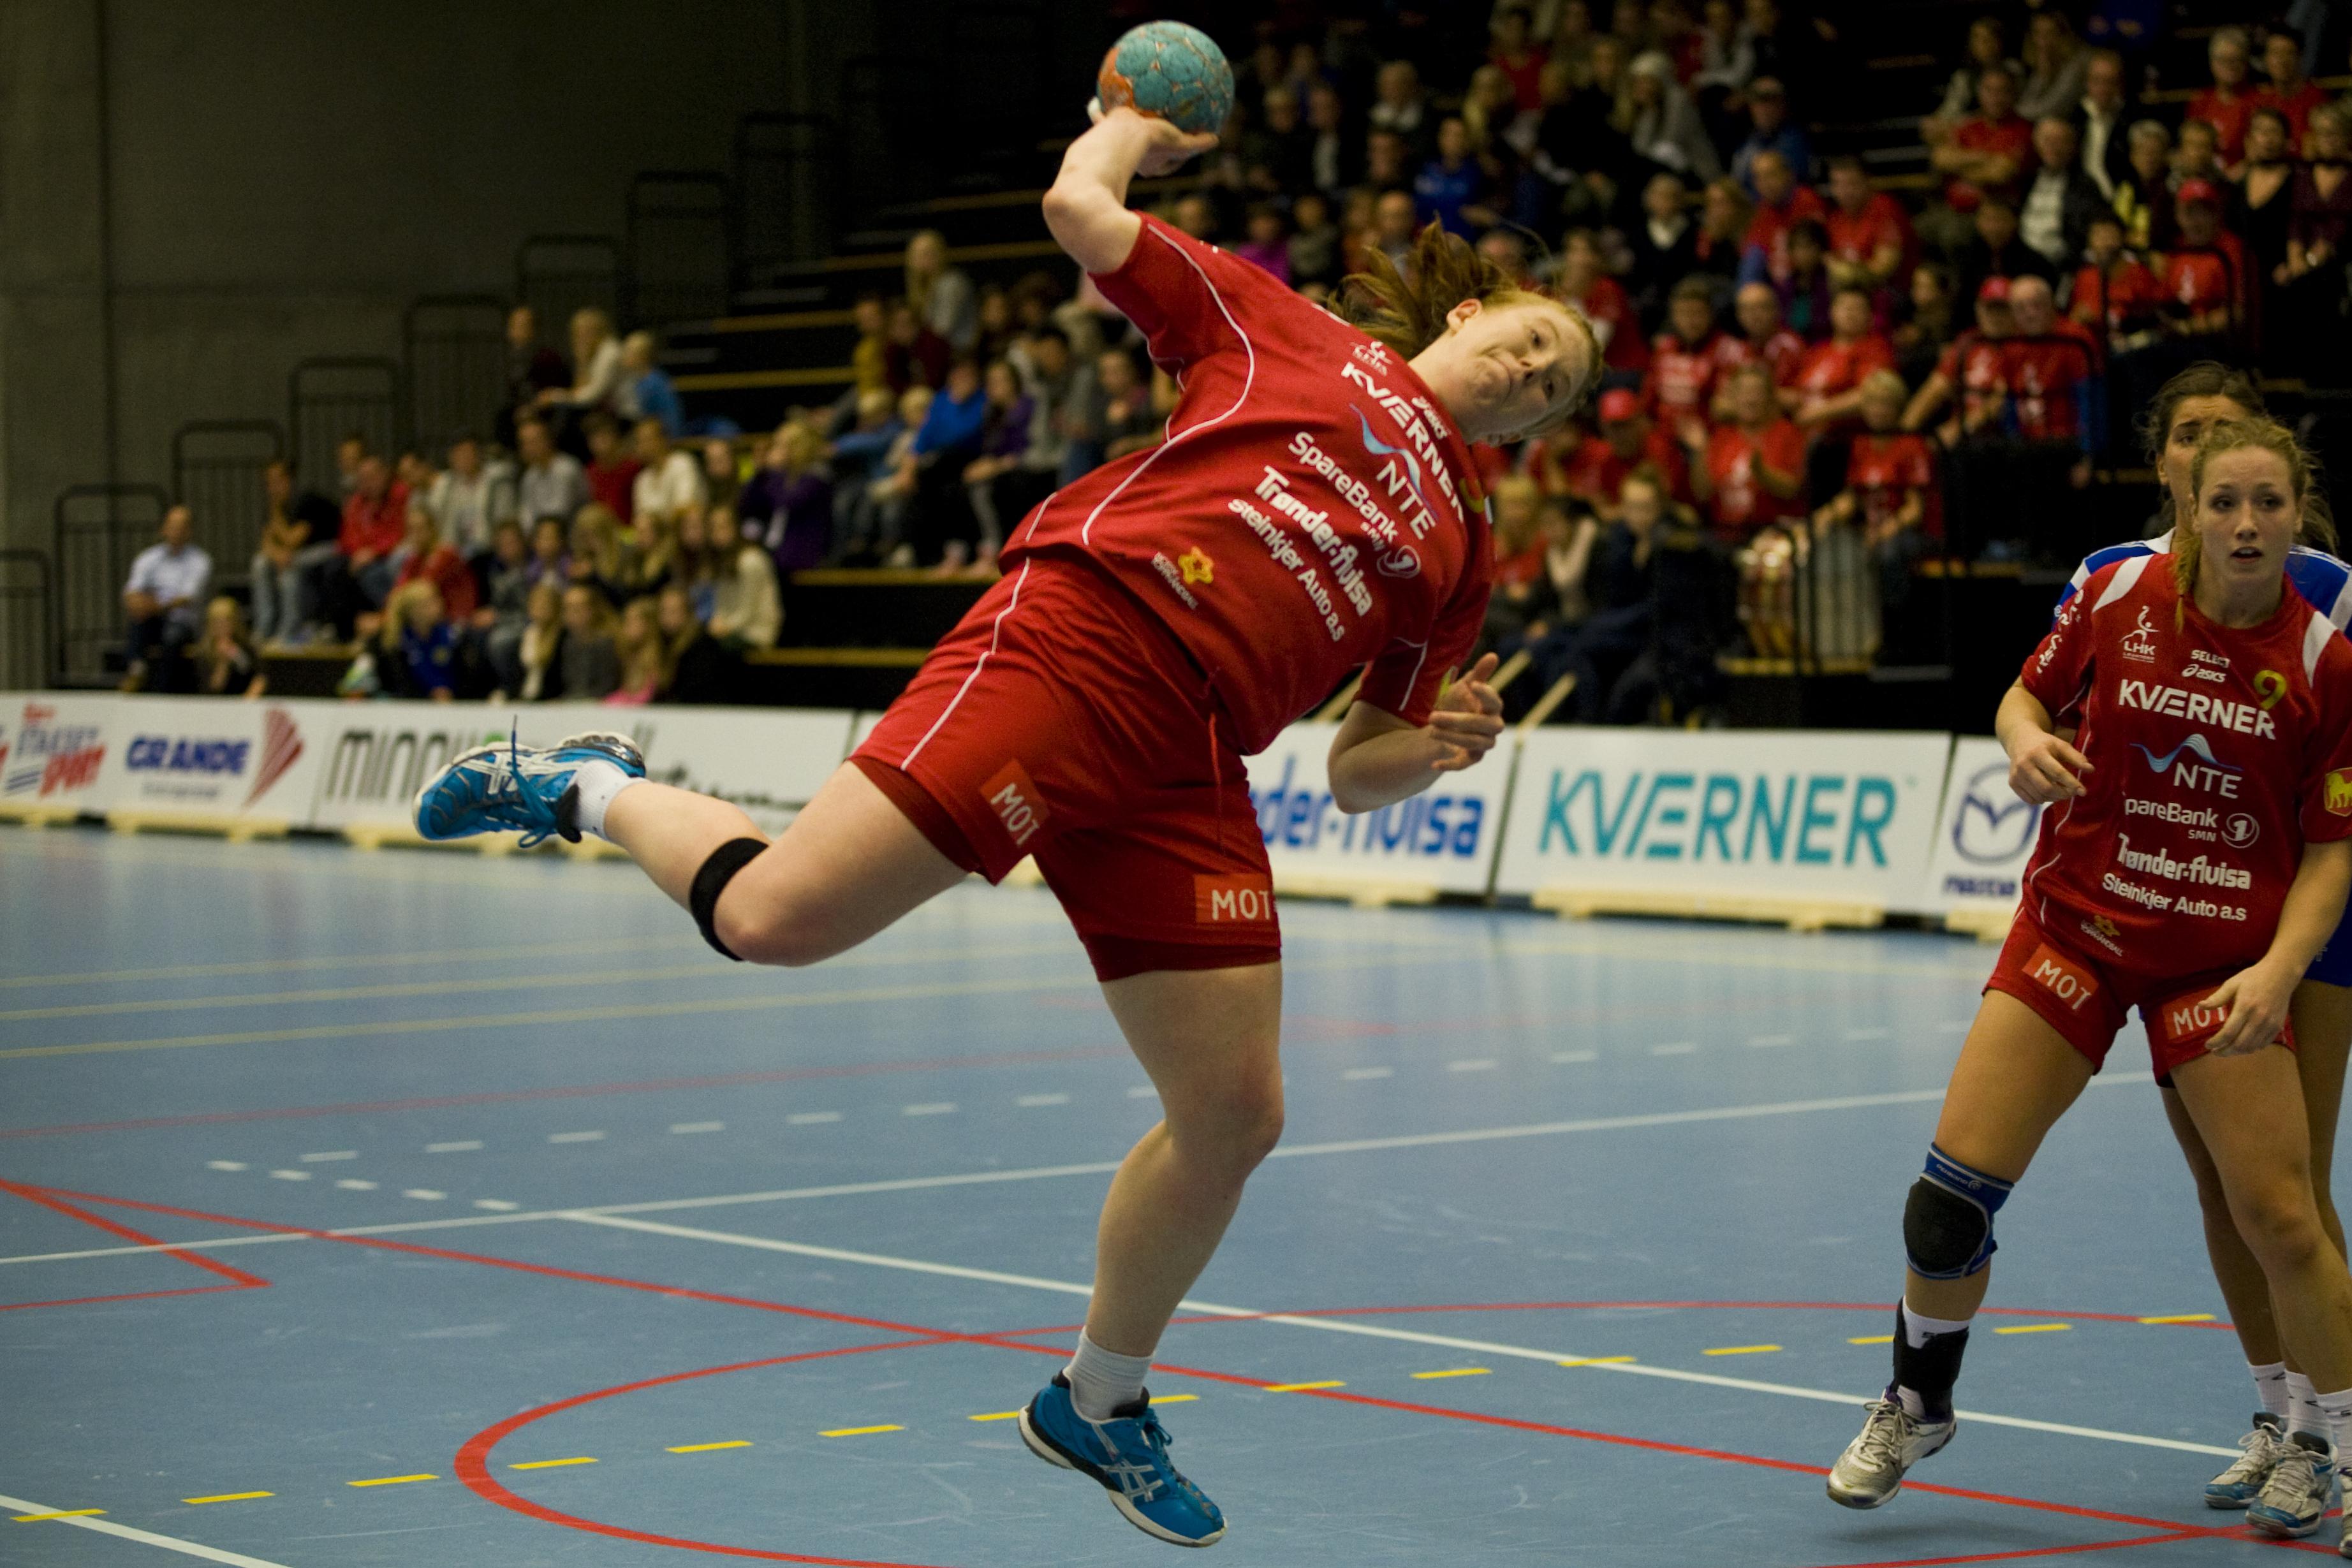 Levangers Nina Bjørk Arnfinnsdottir hadde en stri kamp med forsvaret til Tertnes. Foto: Håvard Loeng